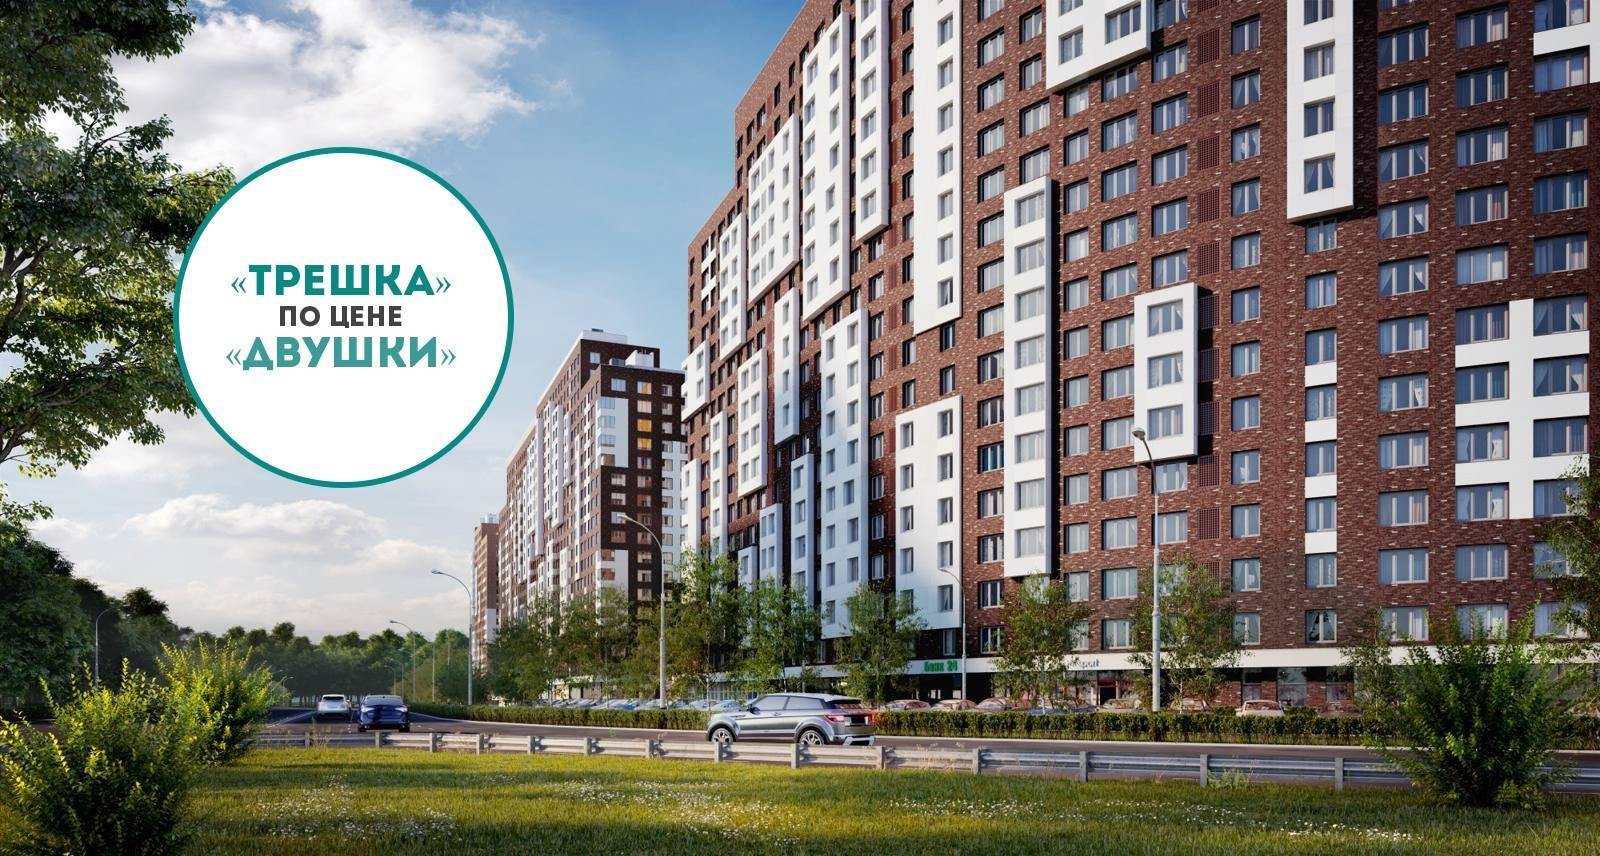 В ЖК «Румянцево-Парк» стартует уникальная акция – «трешка» по цене «двушки»